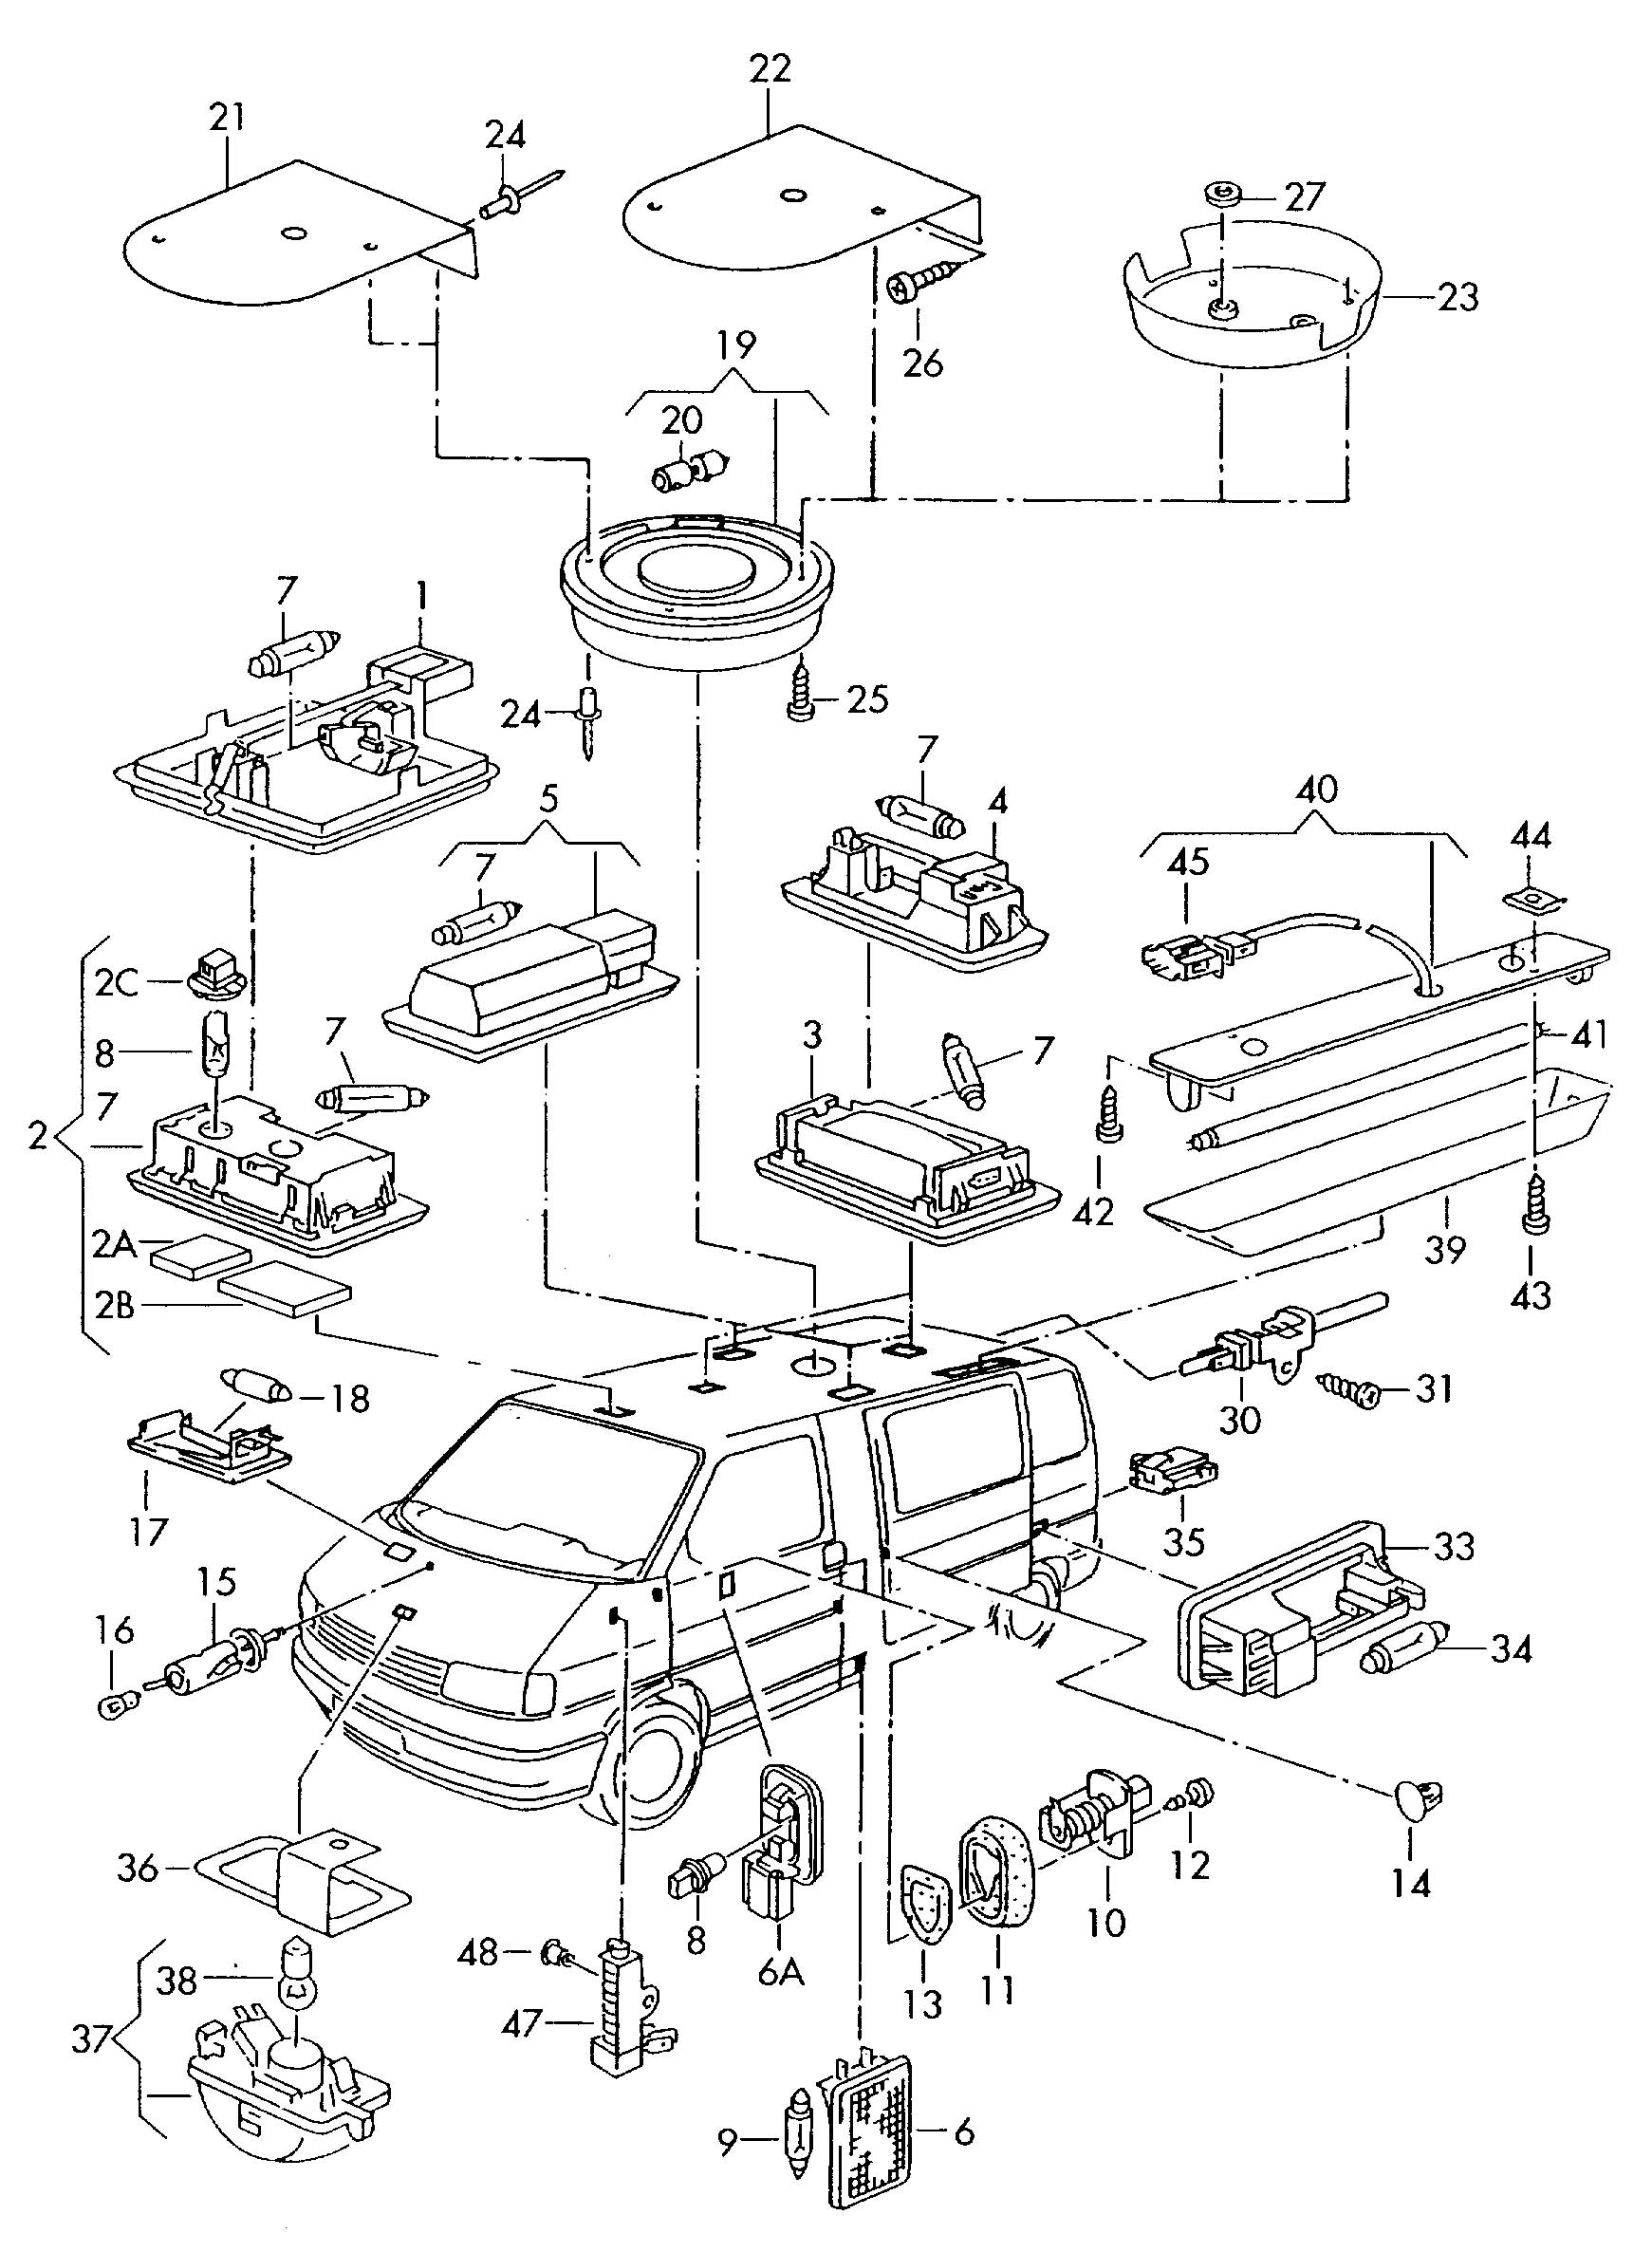 volkswagen tiguan 2012 wiring diagram